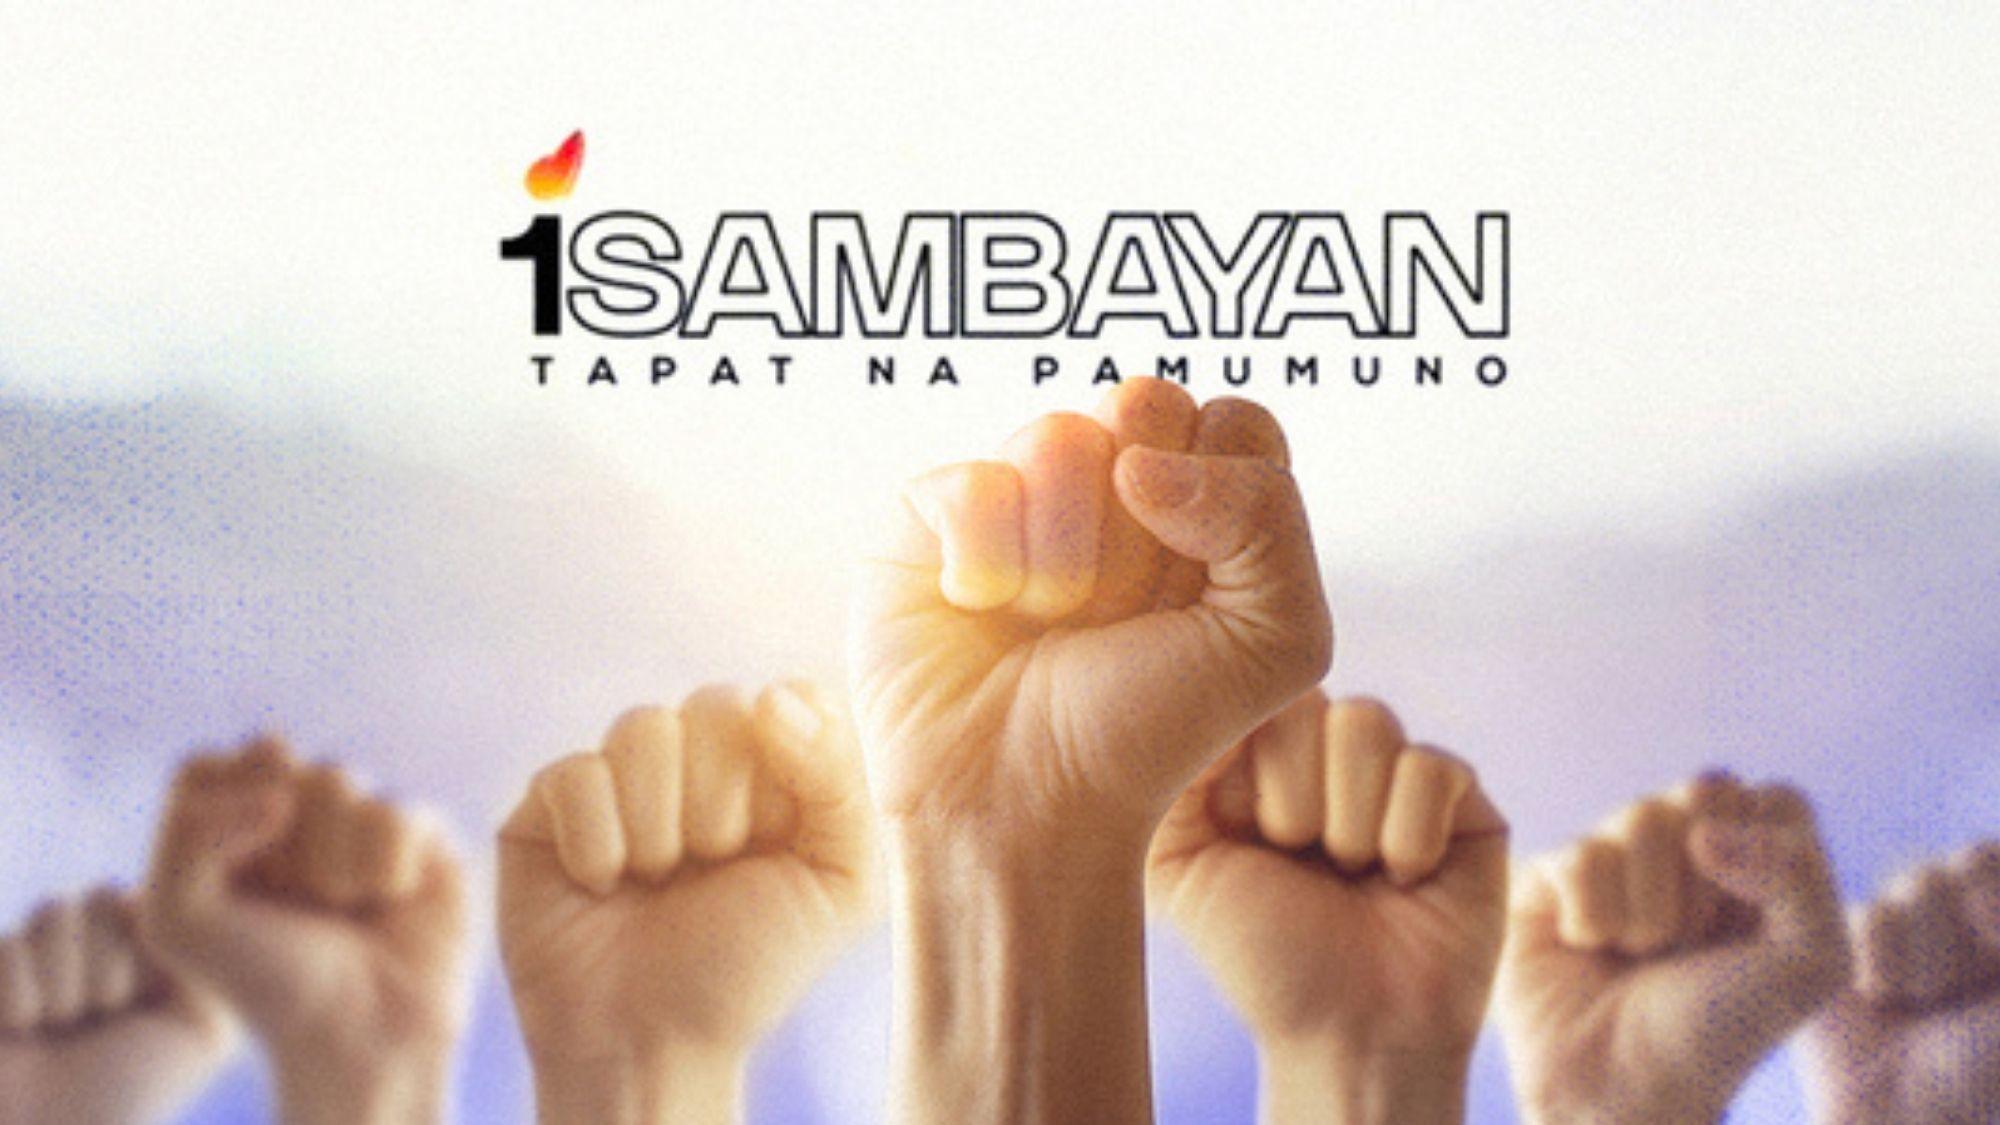 From 1Sambayan to 1Sablayan